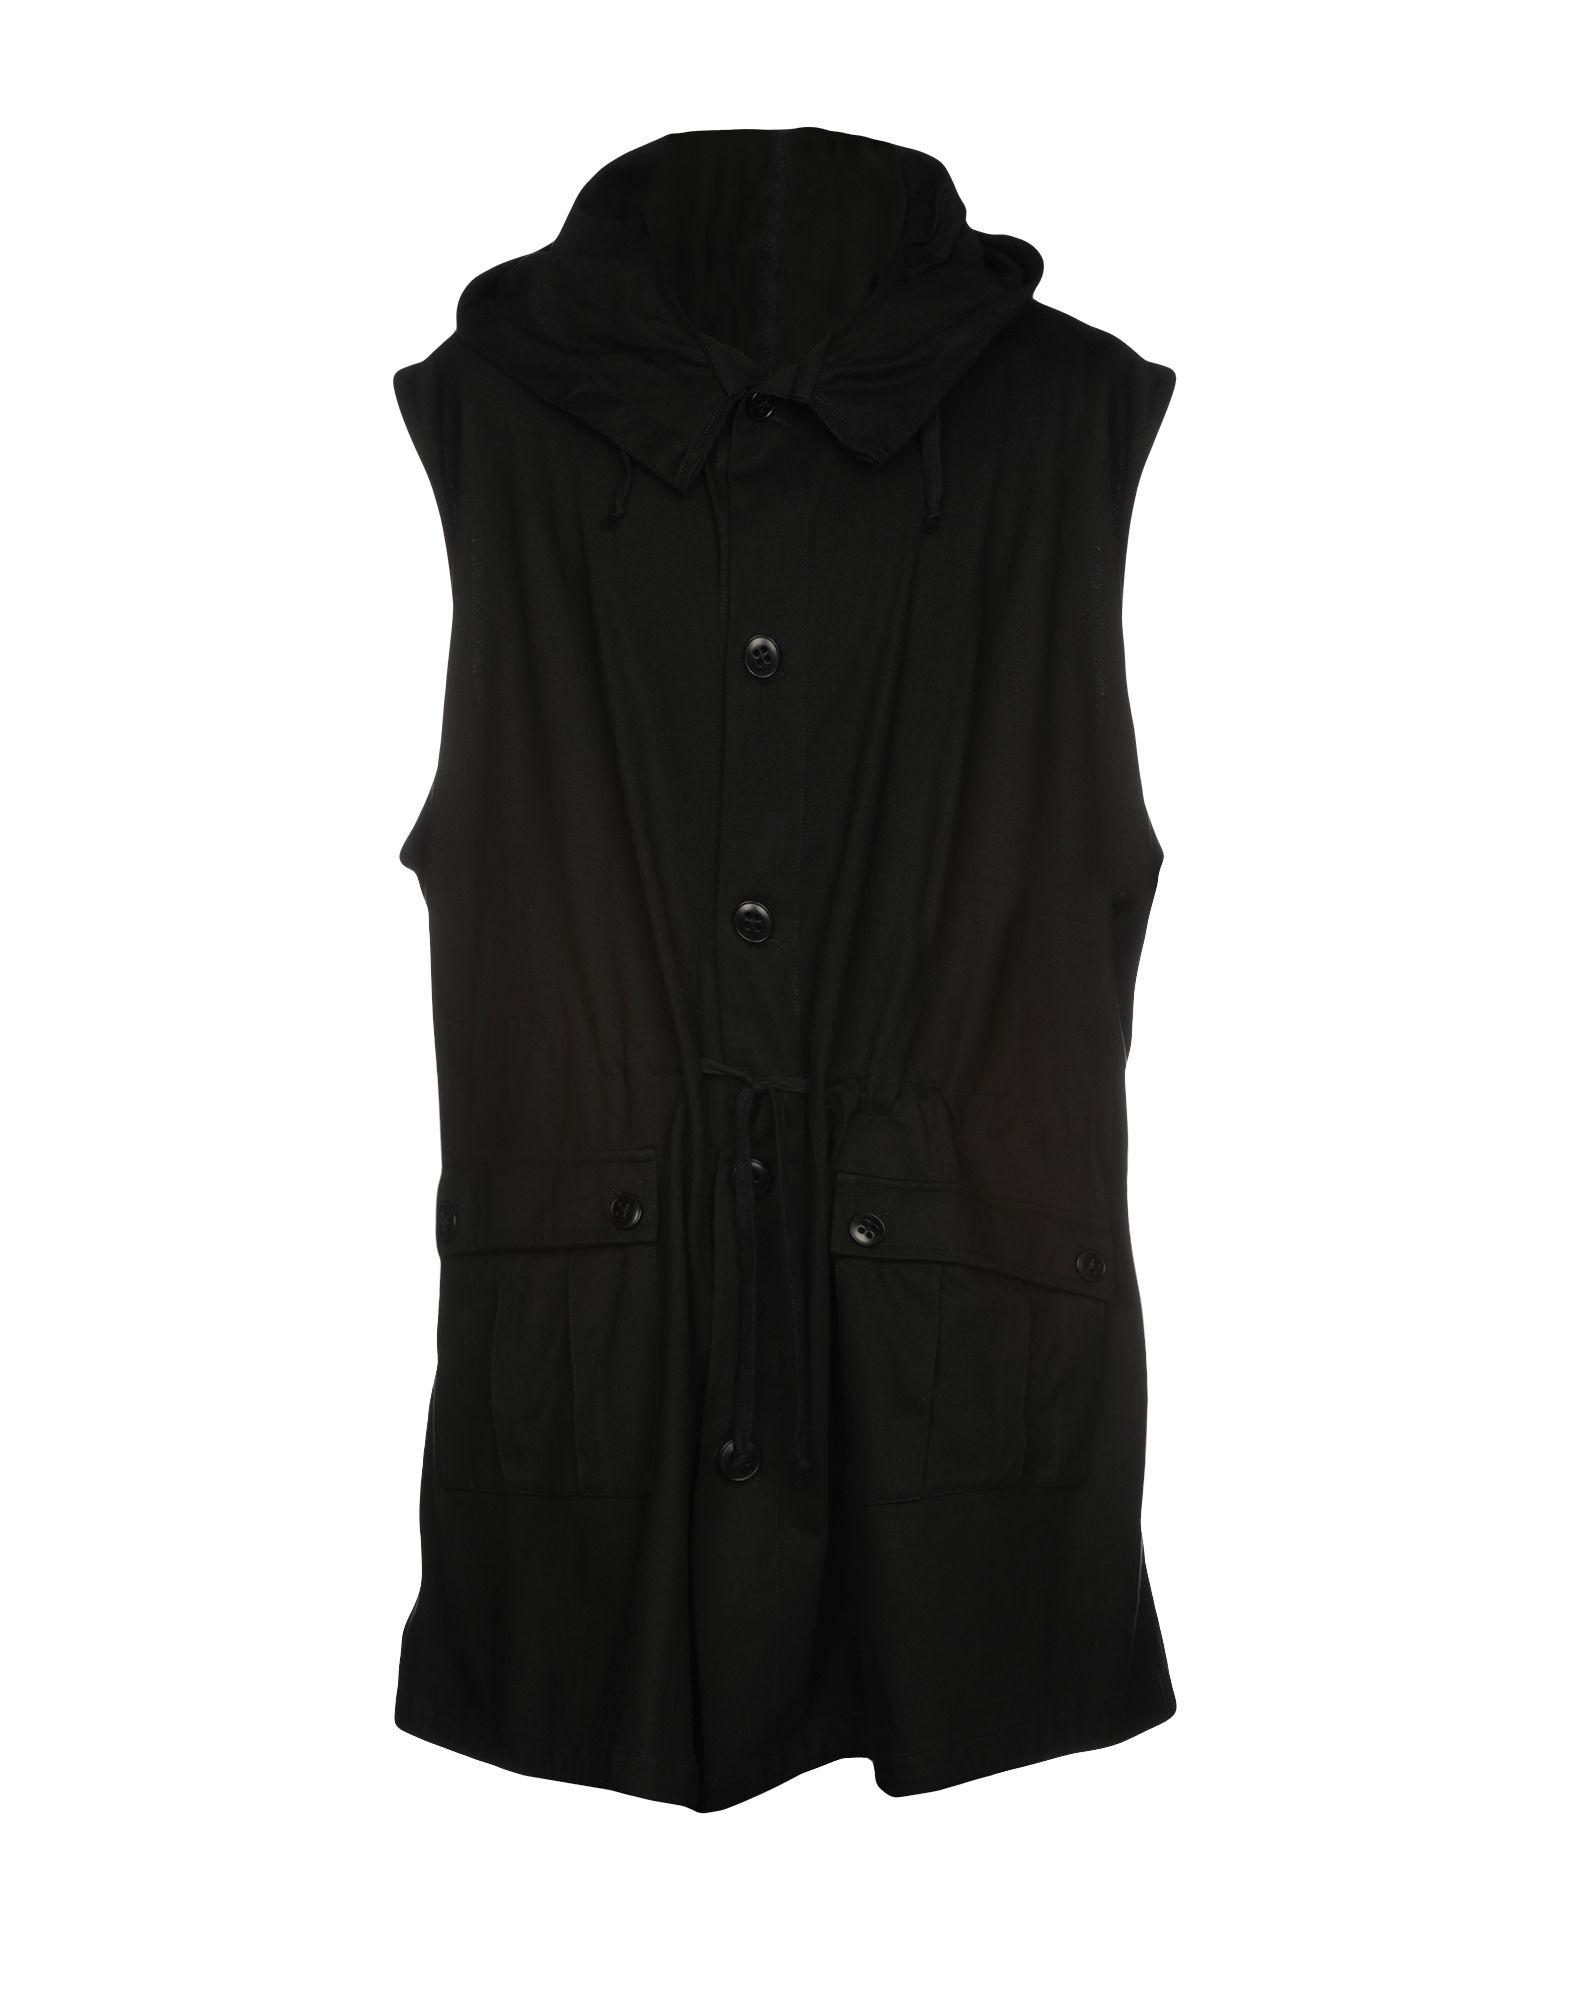 ANN DEMEULEMEESTER Куртка новая весна зима твердые женщины плюс размер тонкий жилет женщин parkas хлопок куртка без рукавов с капюшоном повседневная куртка colete